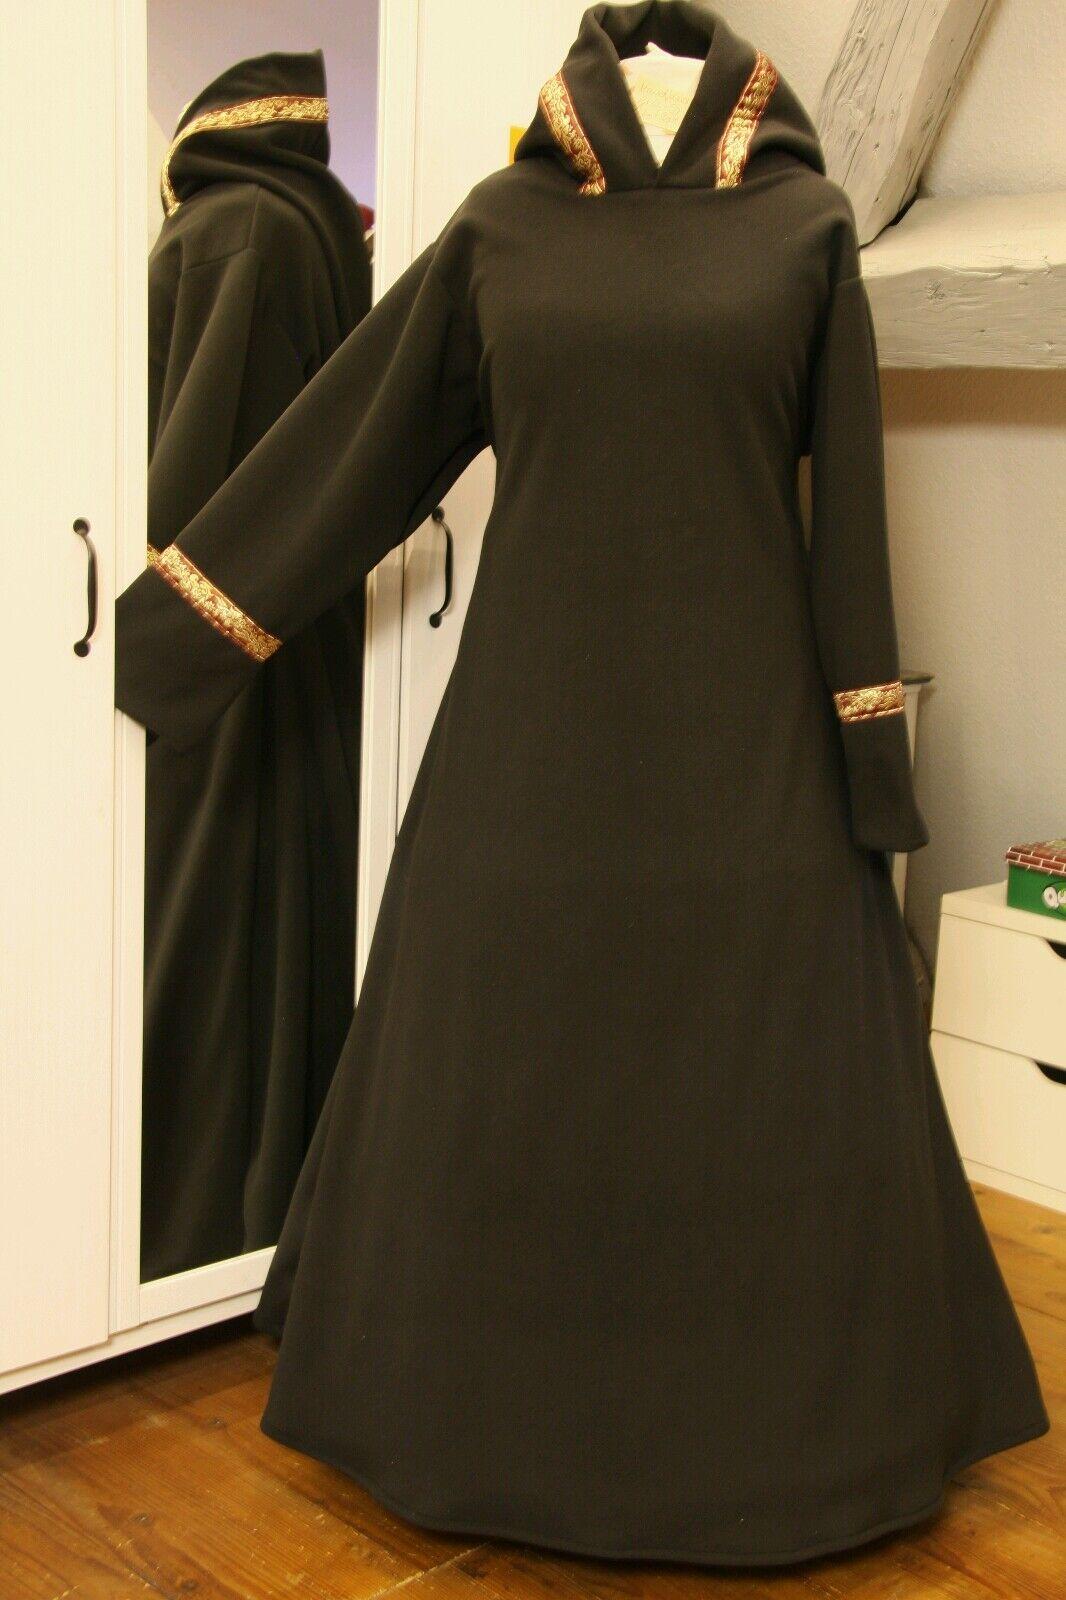 Wintermantel schwarz Mittelalter Gothic Larp Larp Larp Gr 46 48 50 XXL Damen Mantel Kleid  | Shop  | Neuheit Spielzeug  | Neuer Eintrag  | Düsseldorf Eröffnung  | Erlesene Materialien  5ac71a